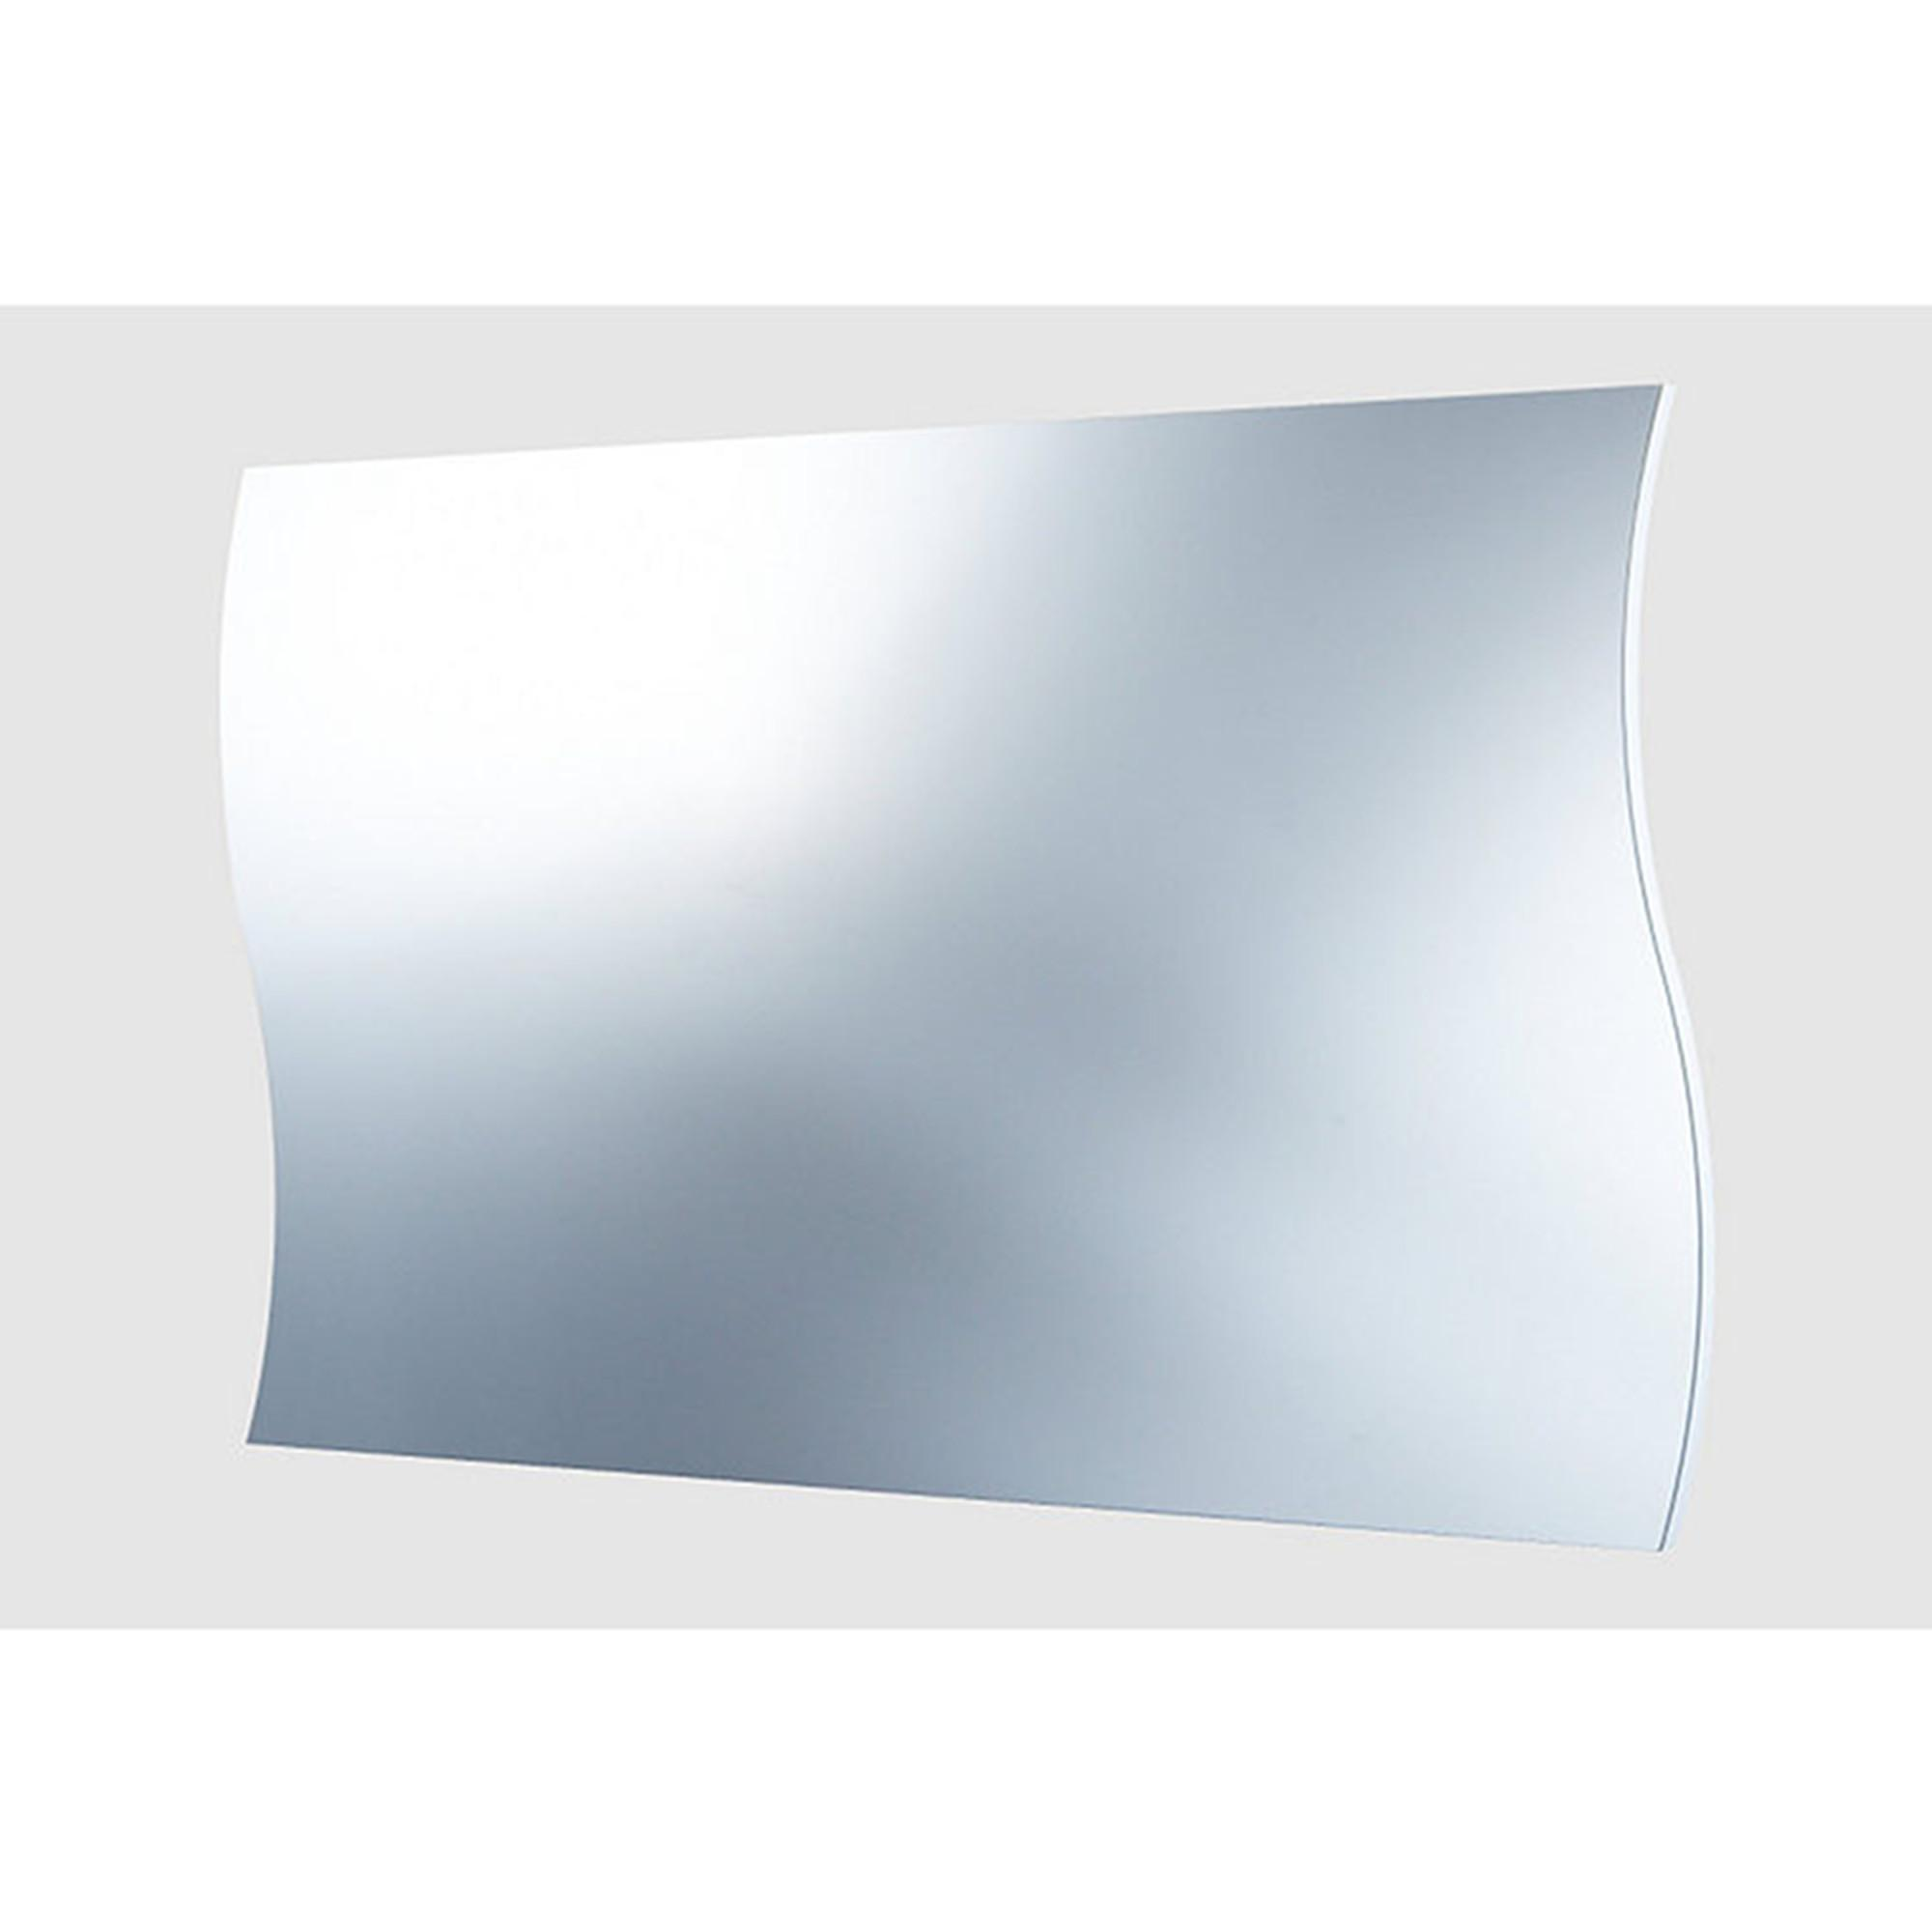 Specchio da muro onda 101x2x60cm bordo bianco tecnos arredamento stilcasa net specchi a parete - Specchio onda ikea ...